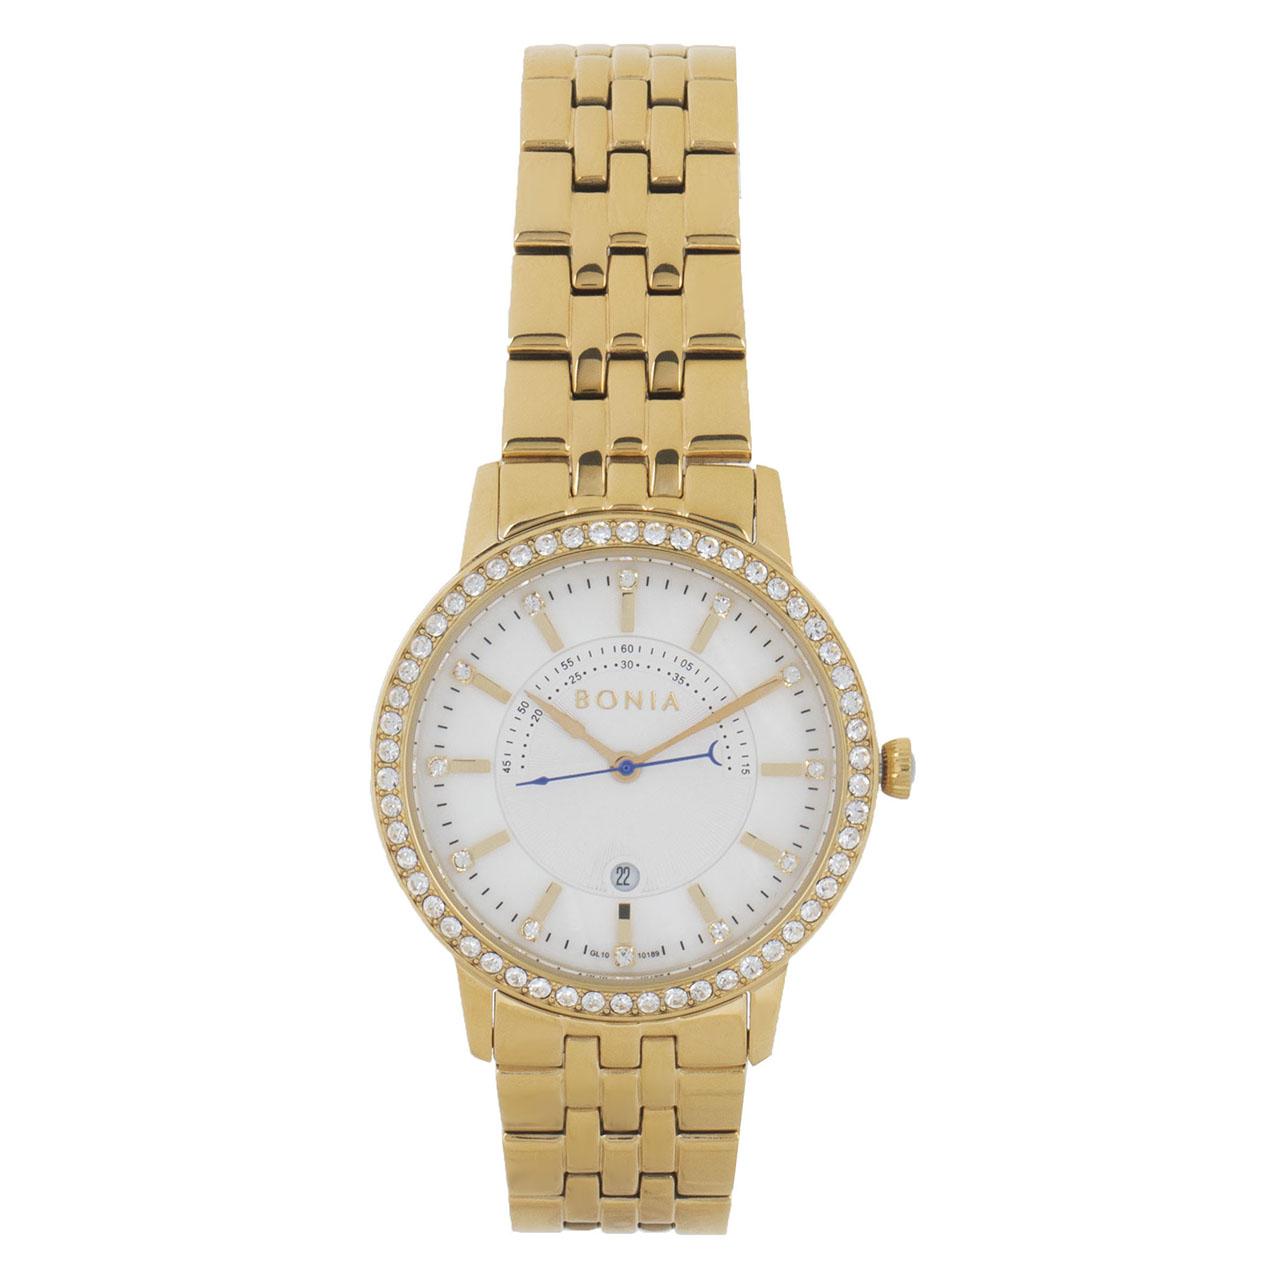 ساعت مچی عقربه ای زنانه بونیا مدل BNB10189-2252S